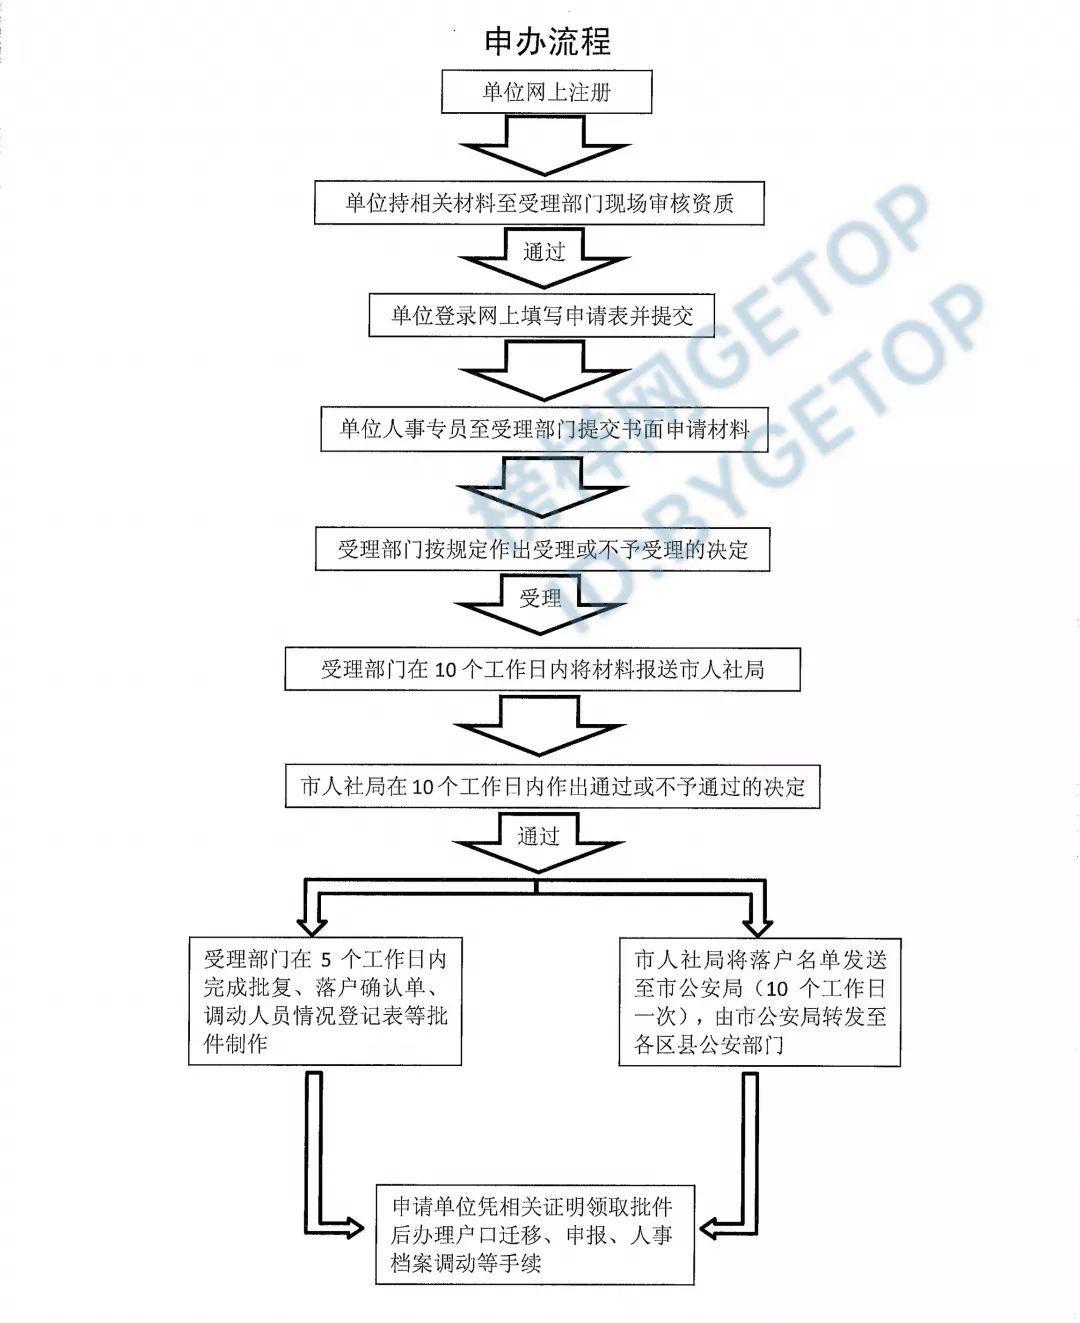 上海签证流程_留学生优雅落户上海攻略(2019) - 知乎